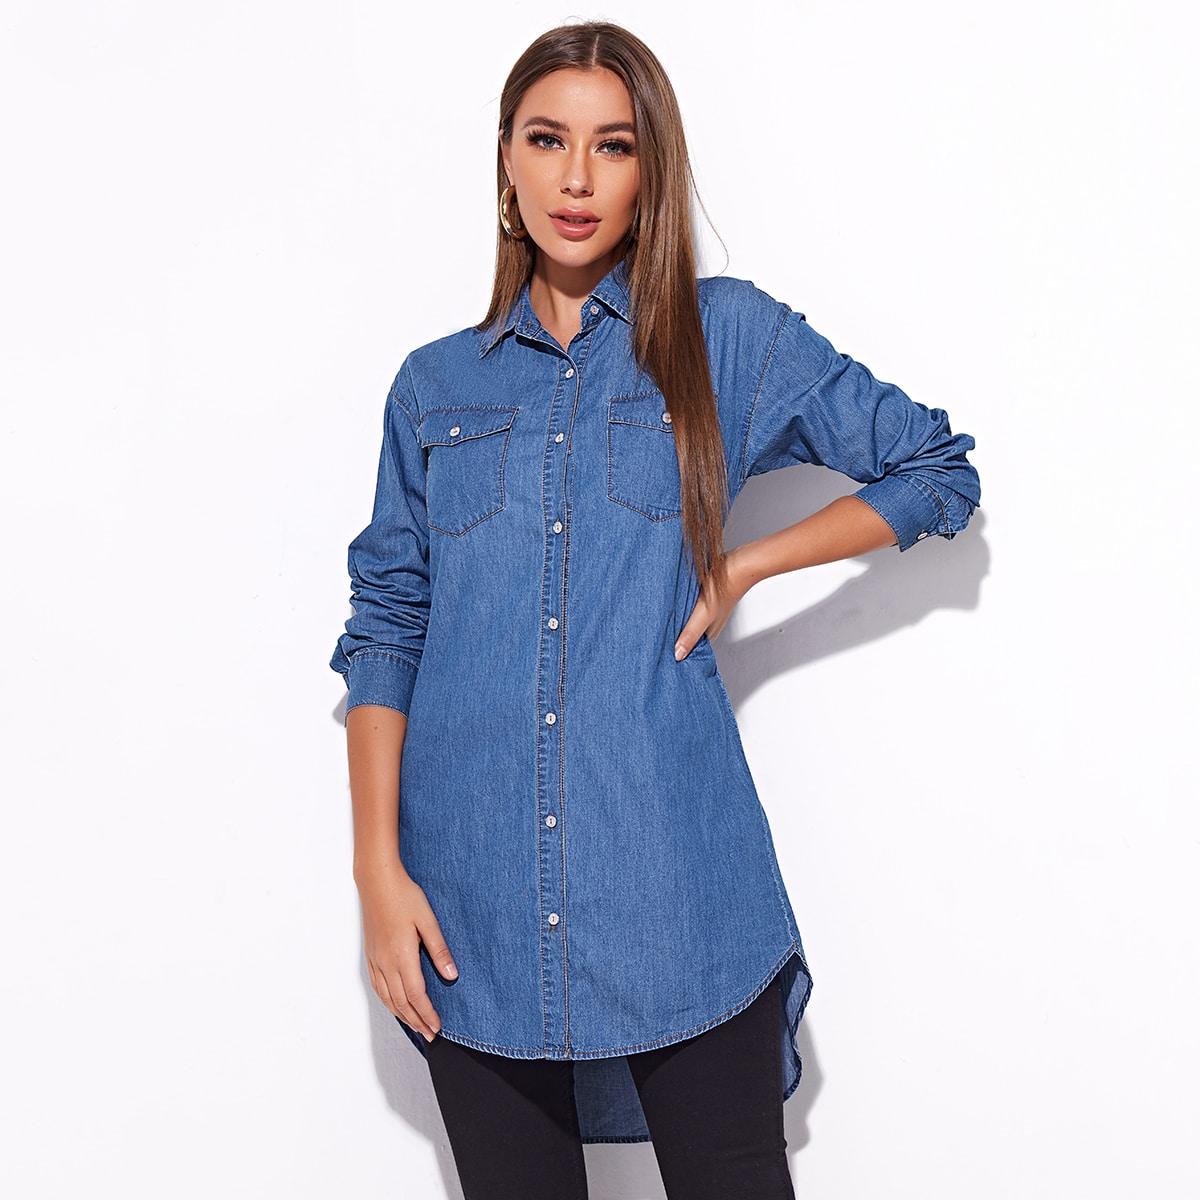 Длинная асимметричная джинсовая блузка